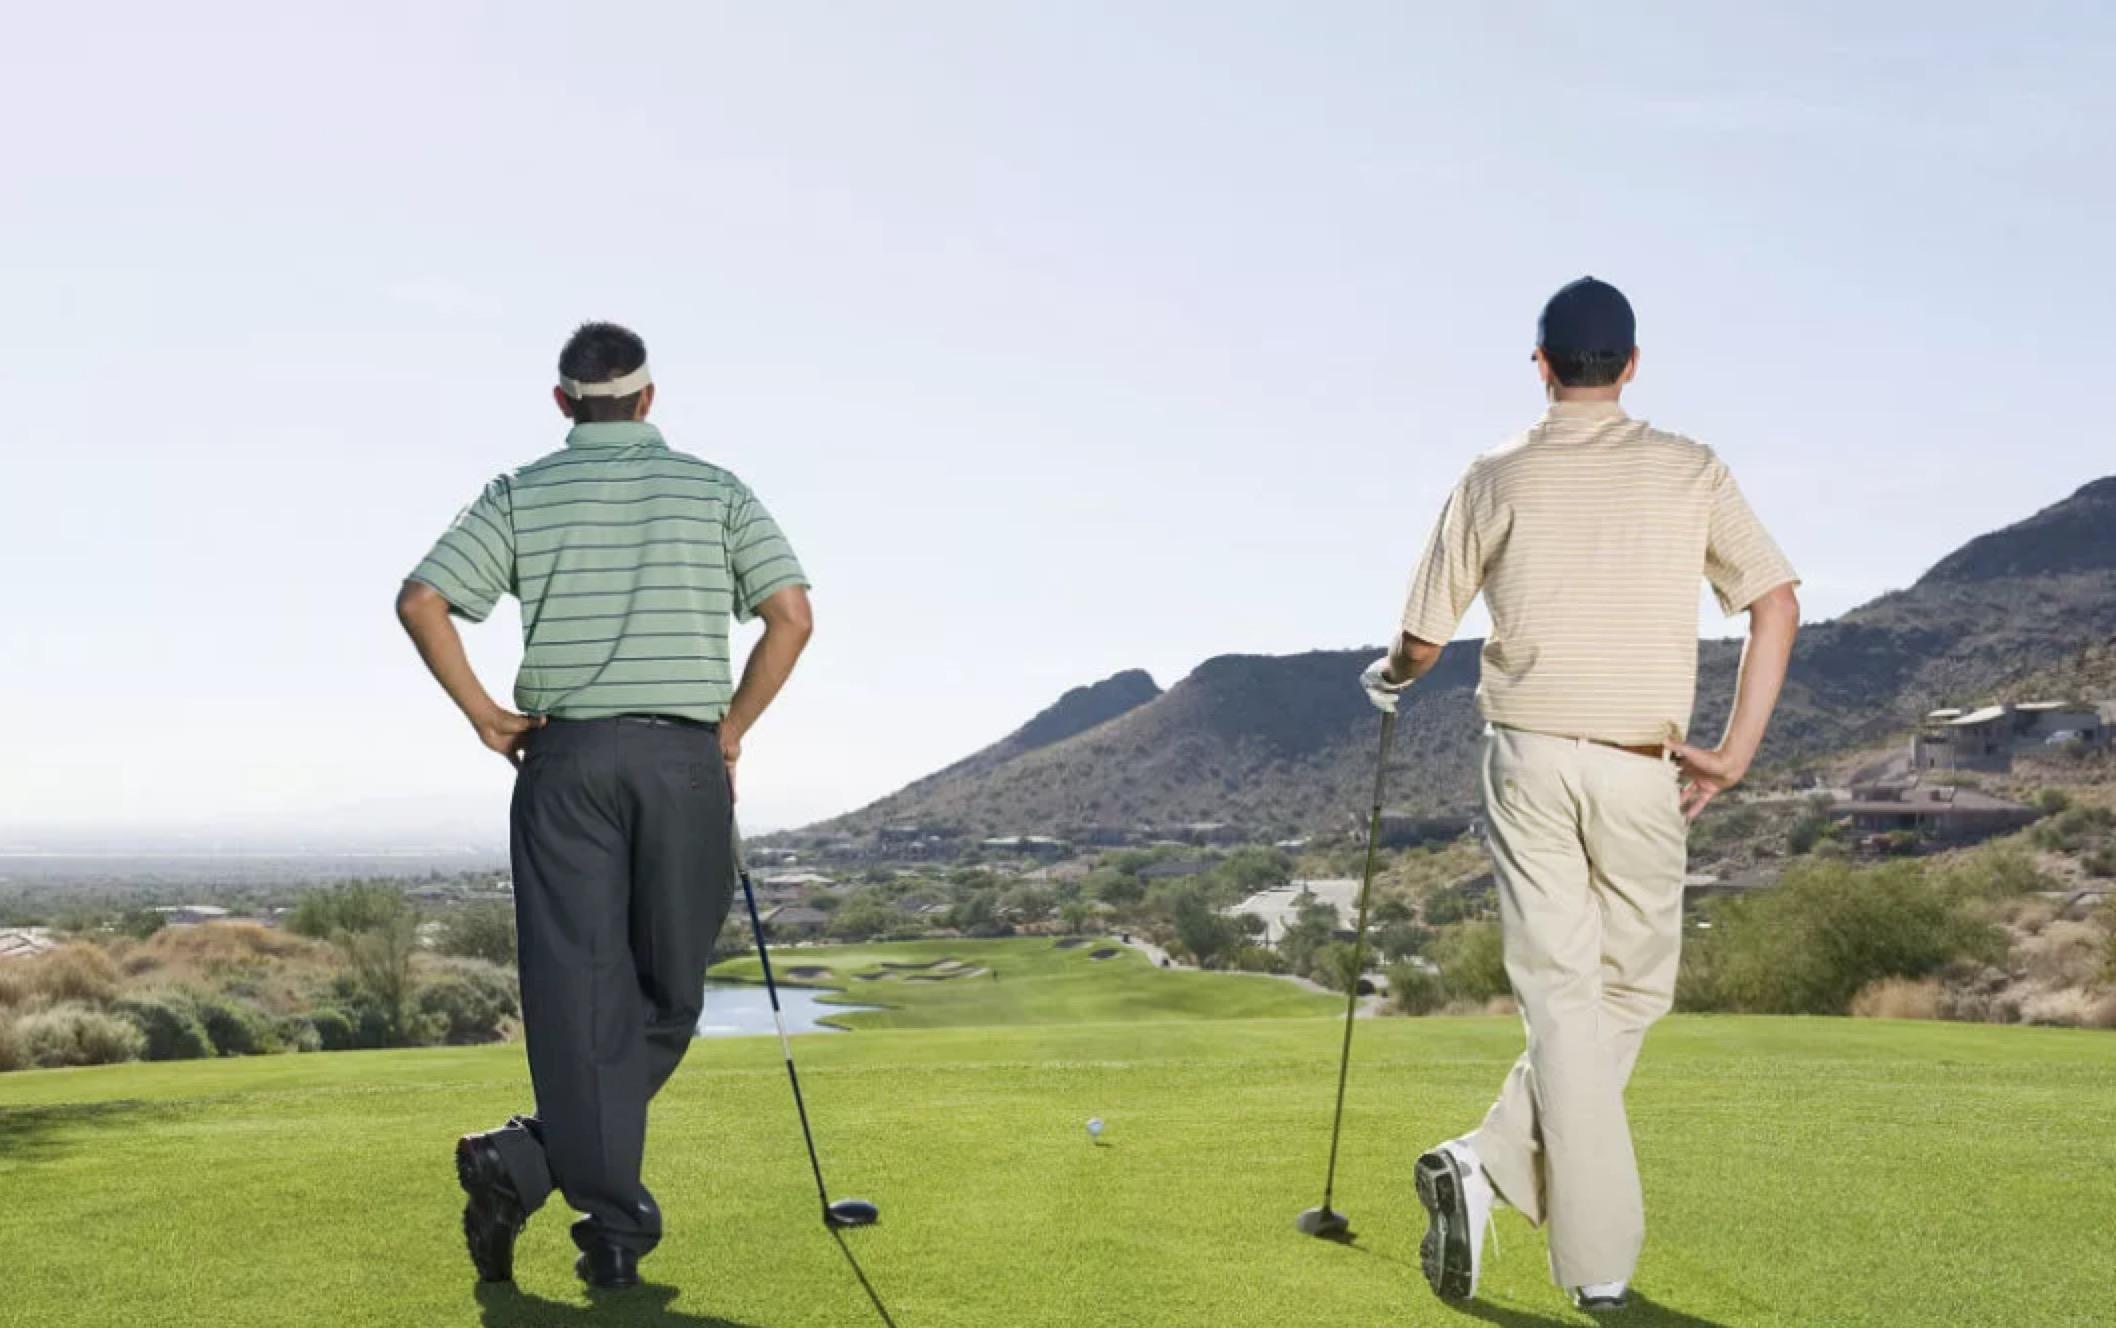 高尔夫,人生难得的良师益友!